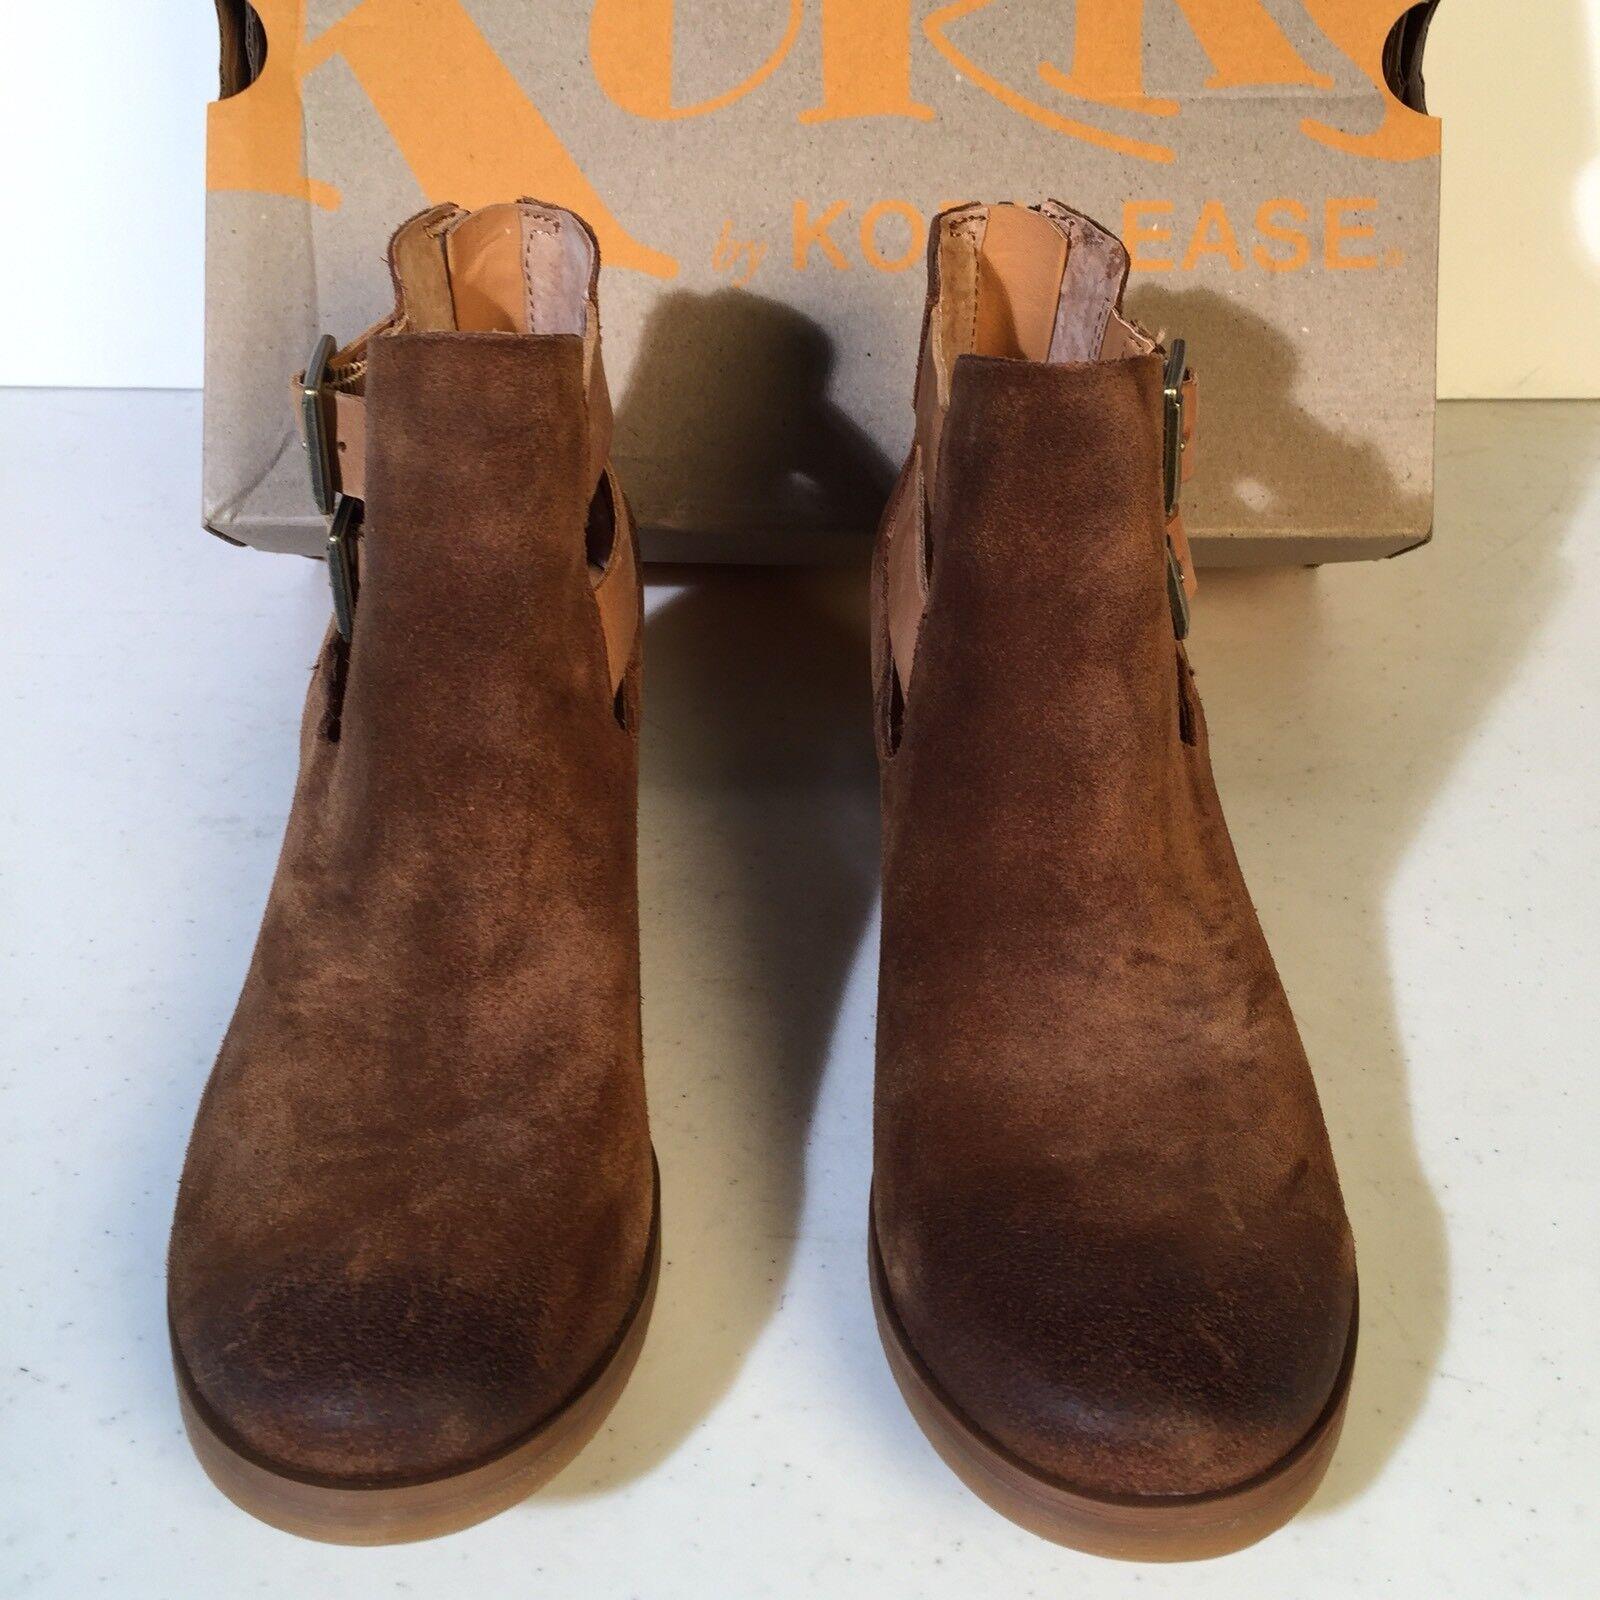 New KORKS 130 Tan GABBRIELA Open Strap Bootie 6.5 M M 6.5 KORK EASE Ankle Boot NIB 75e3b9